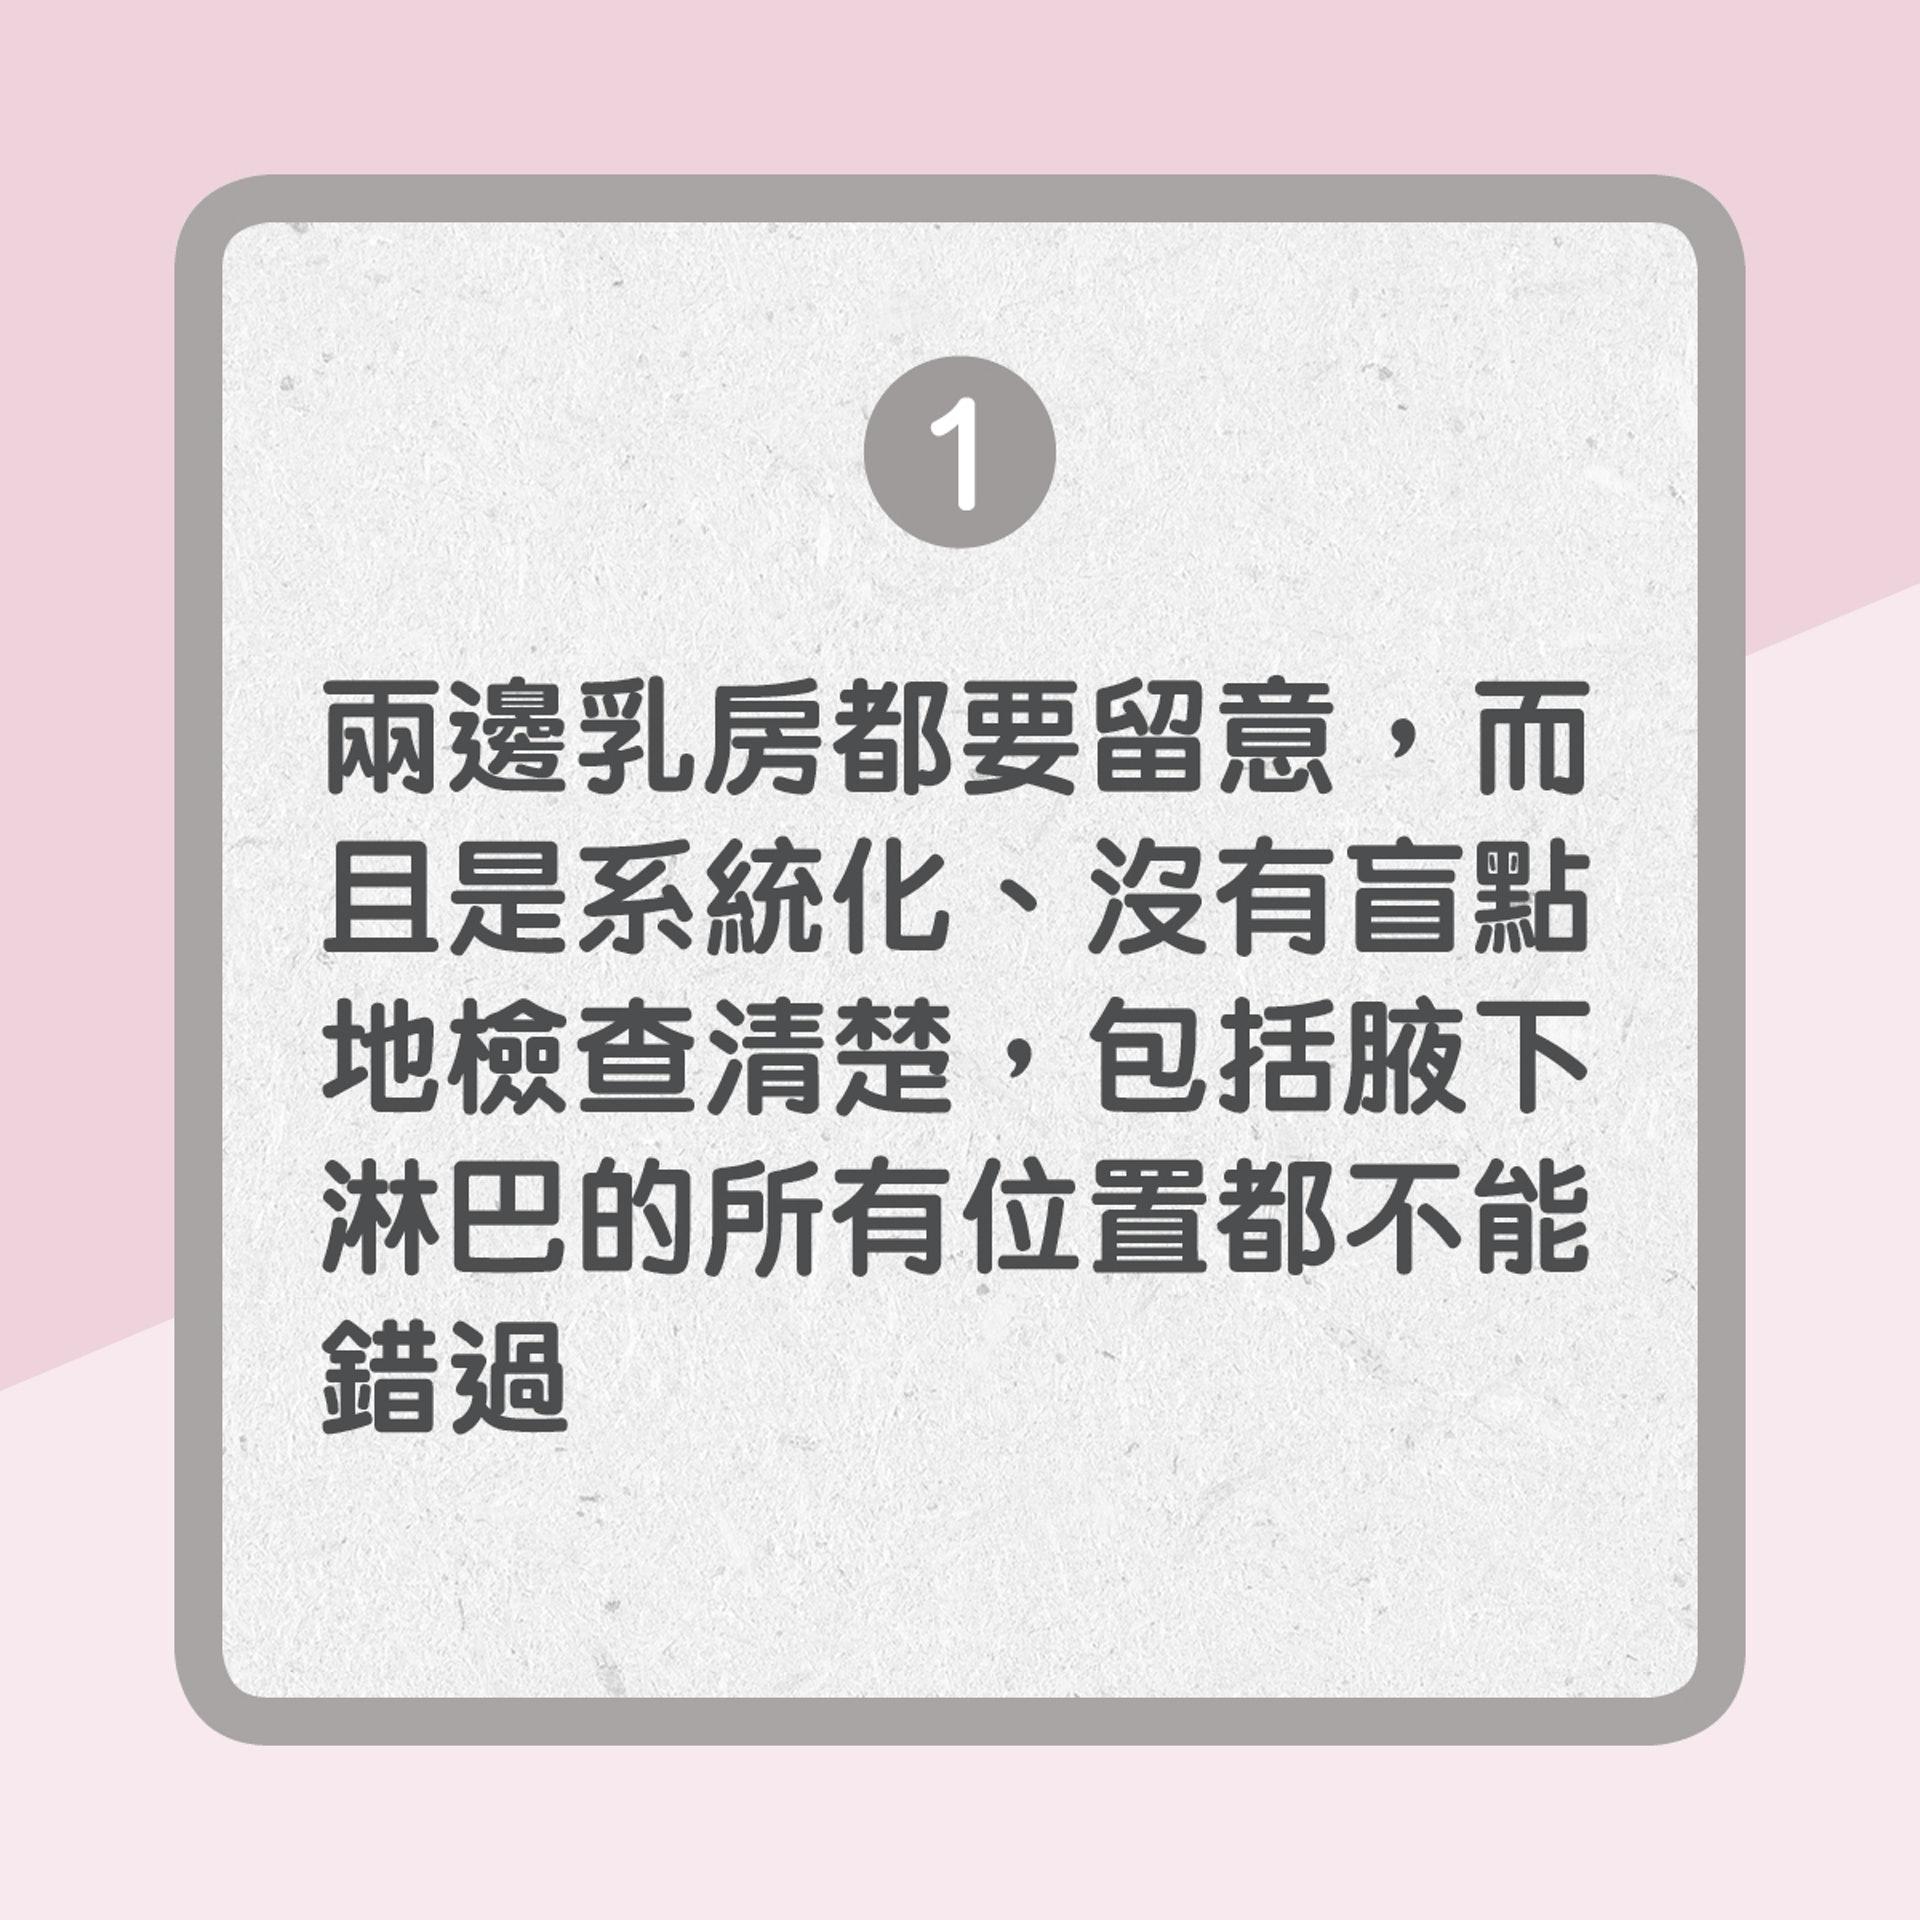 【自我檢查乳房3大原則】1. 兩邊乳房都要留意,而且是系統化、沒有盲點地檢查清楚,包括腋下淋巴的所有位置都不能錯過(01製圖)